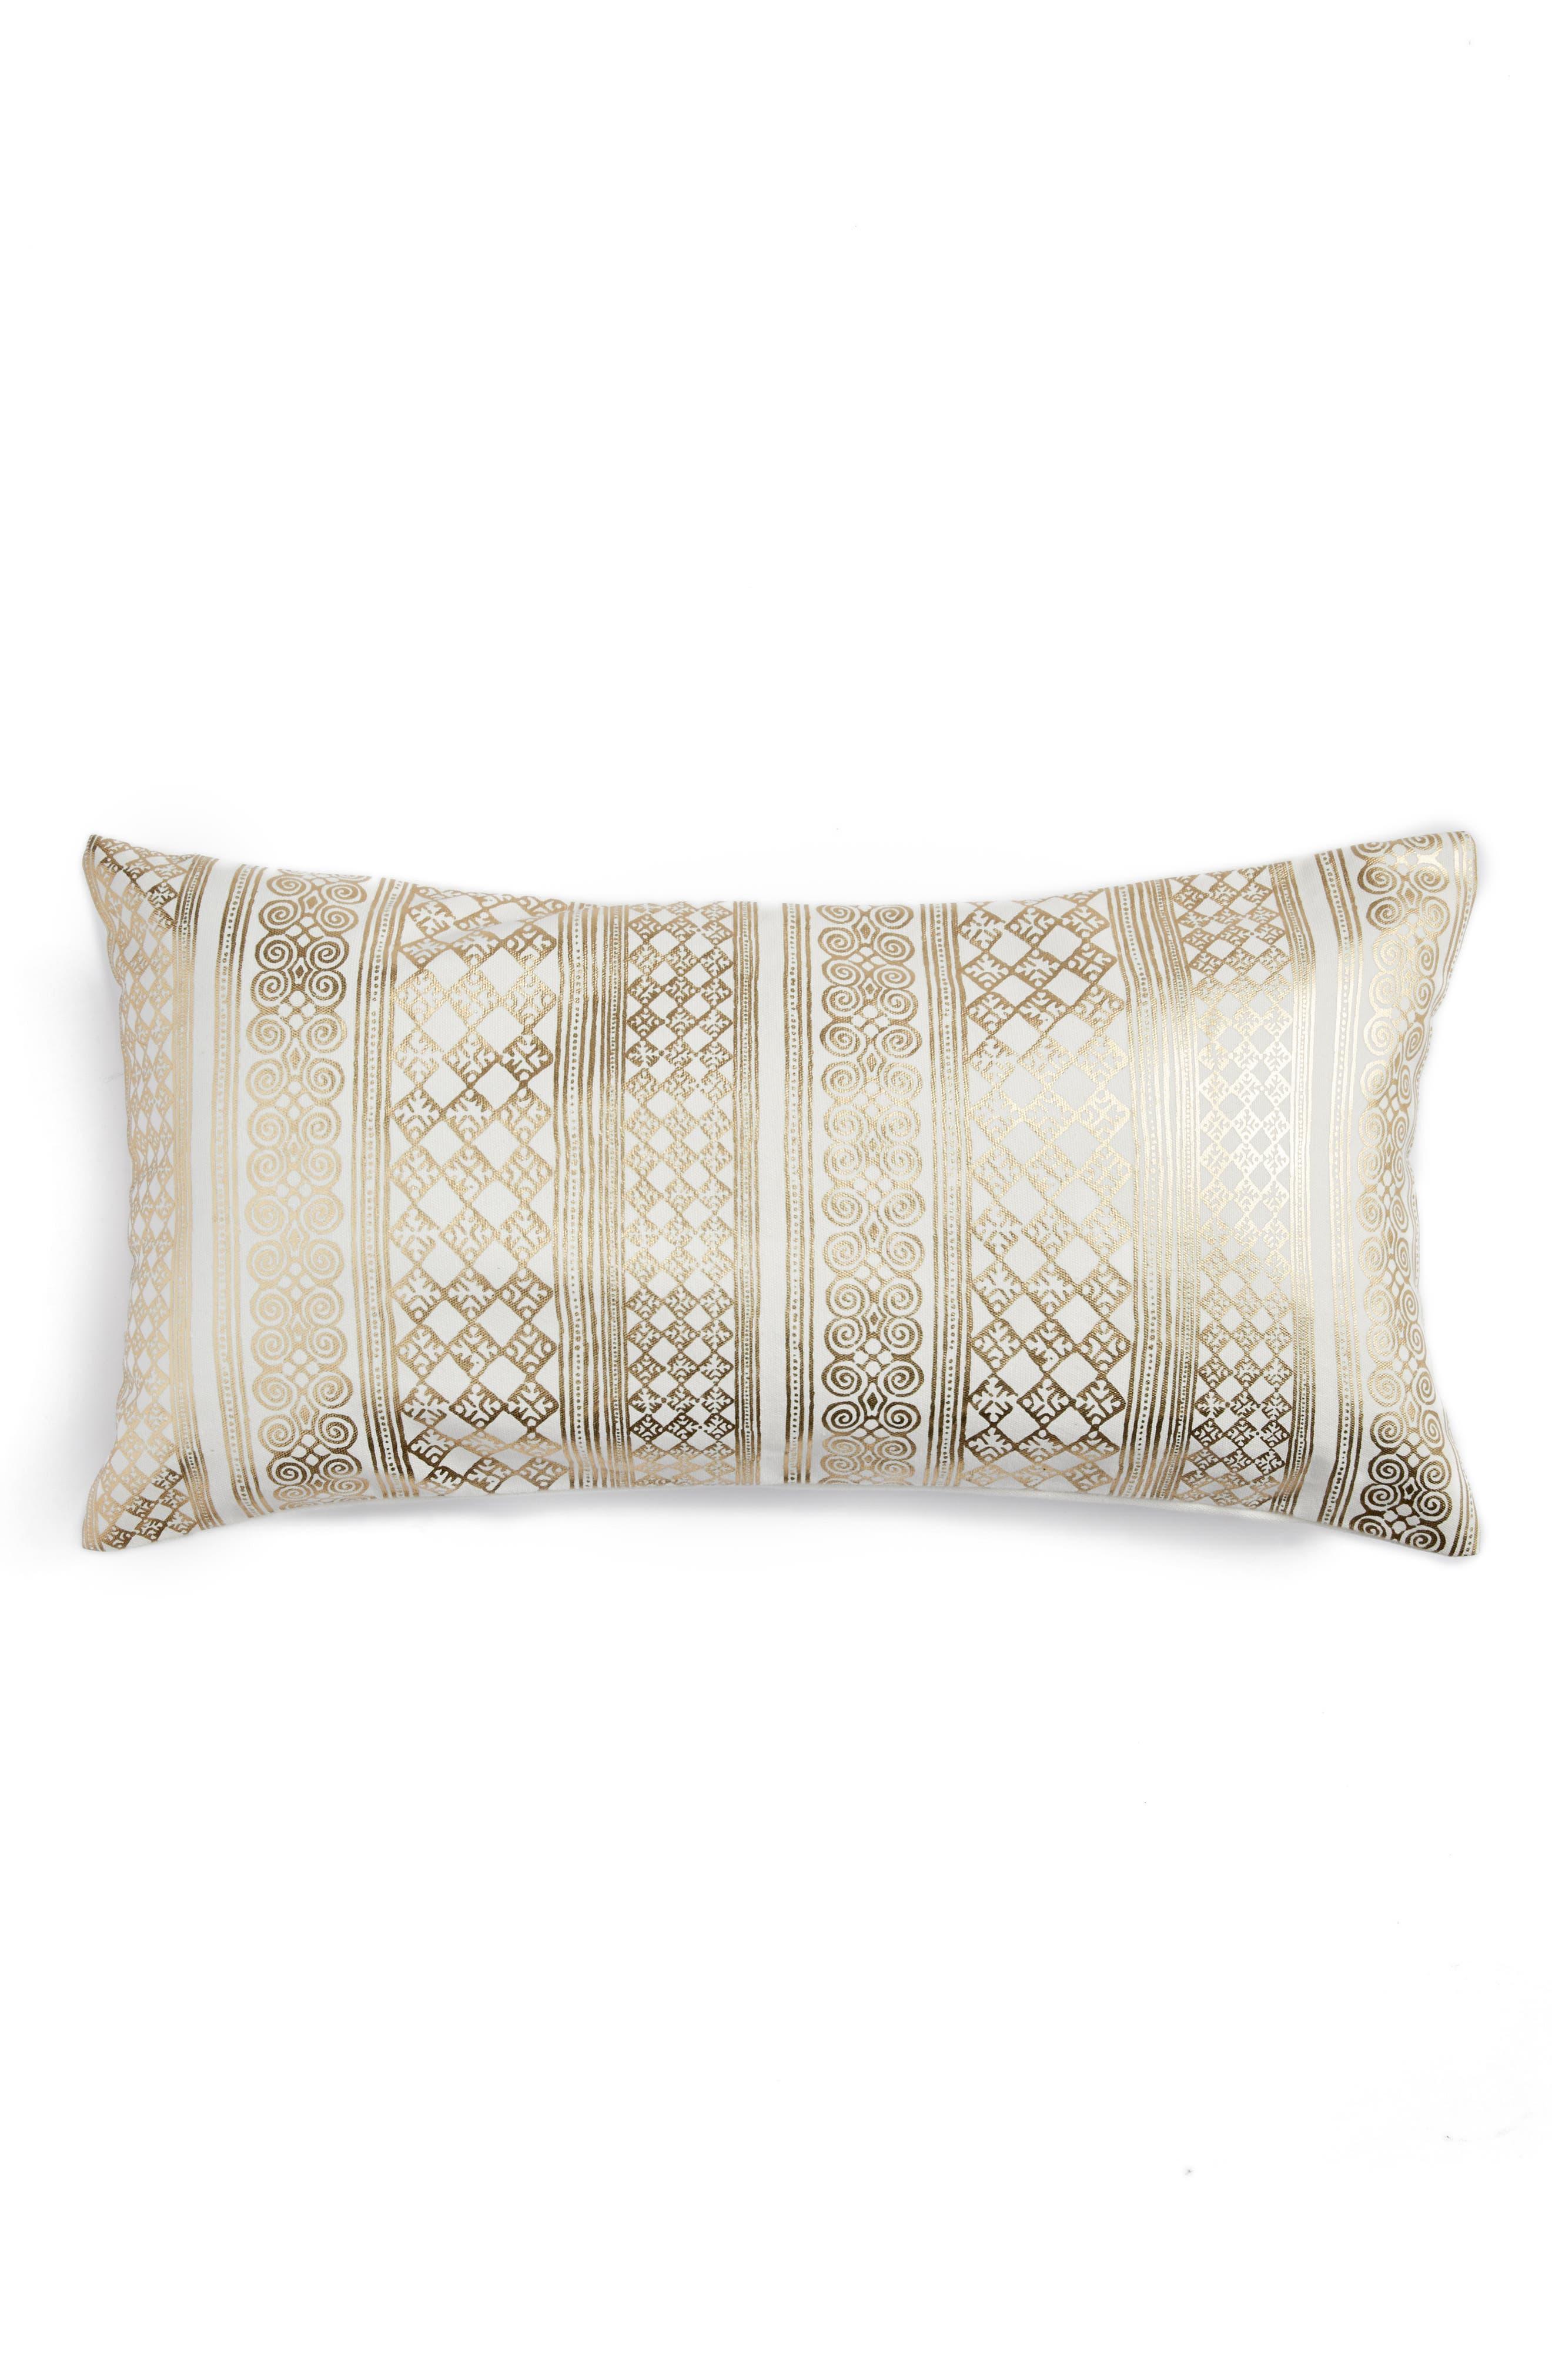 Foil Screenprint Accent Pillow,                         Main,                         color, 710